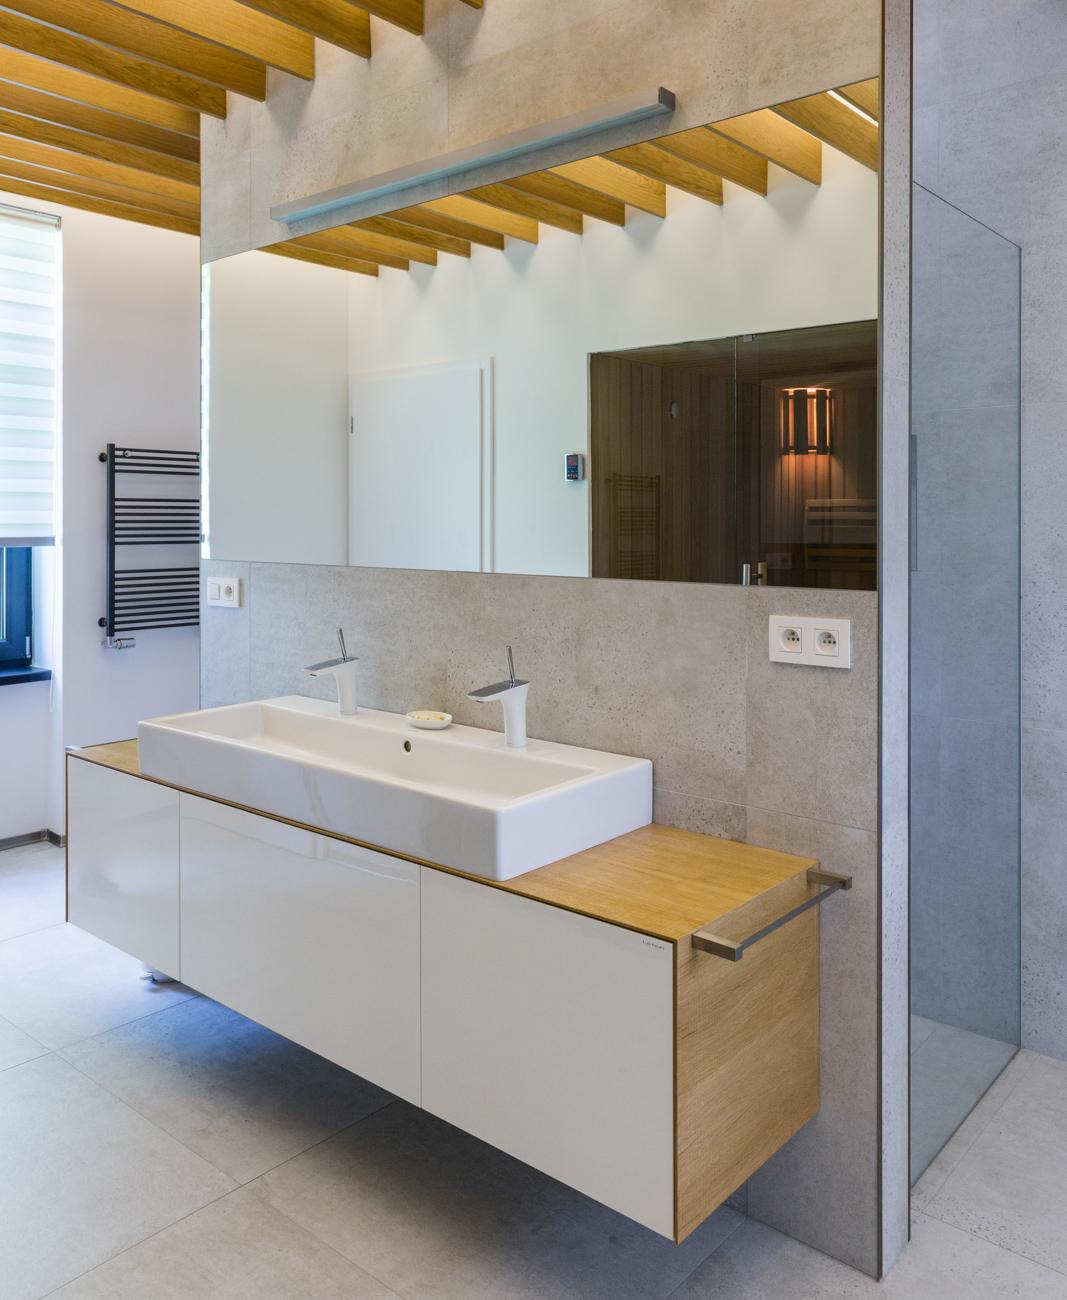 Kúpeľňa s lamelami a led osvetlením